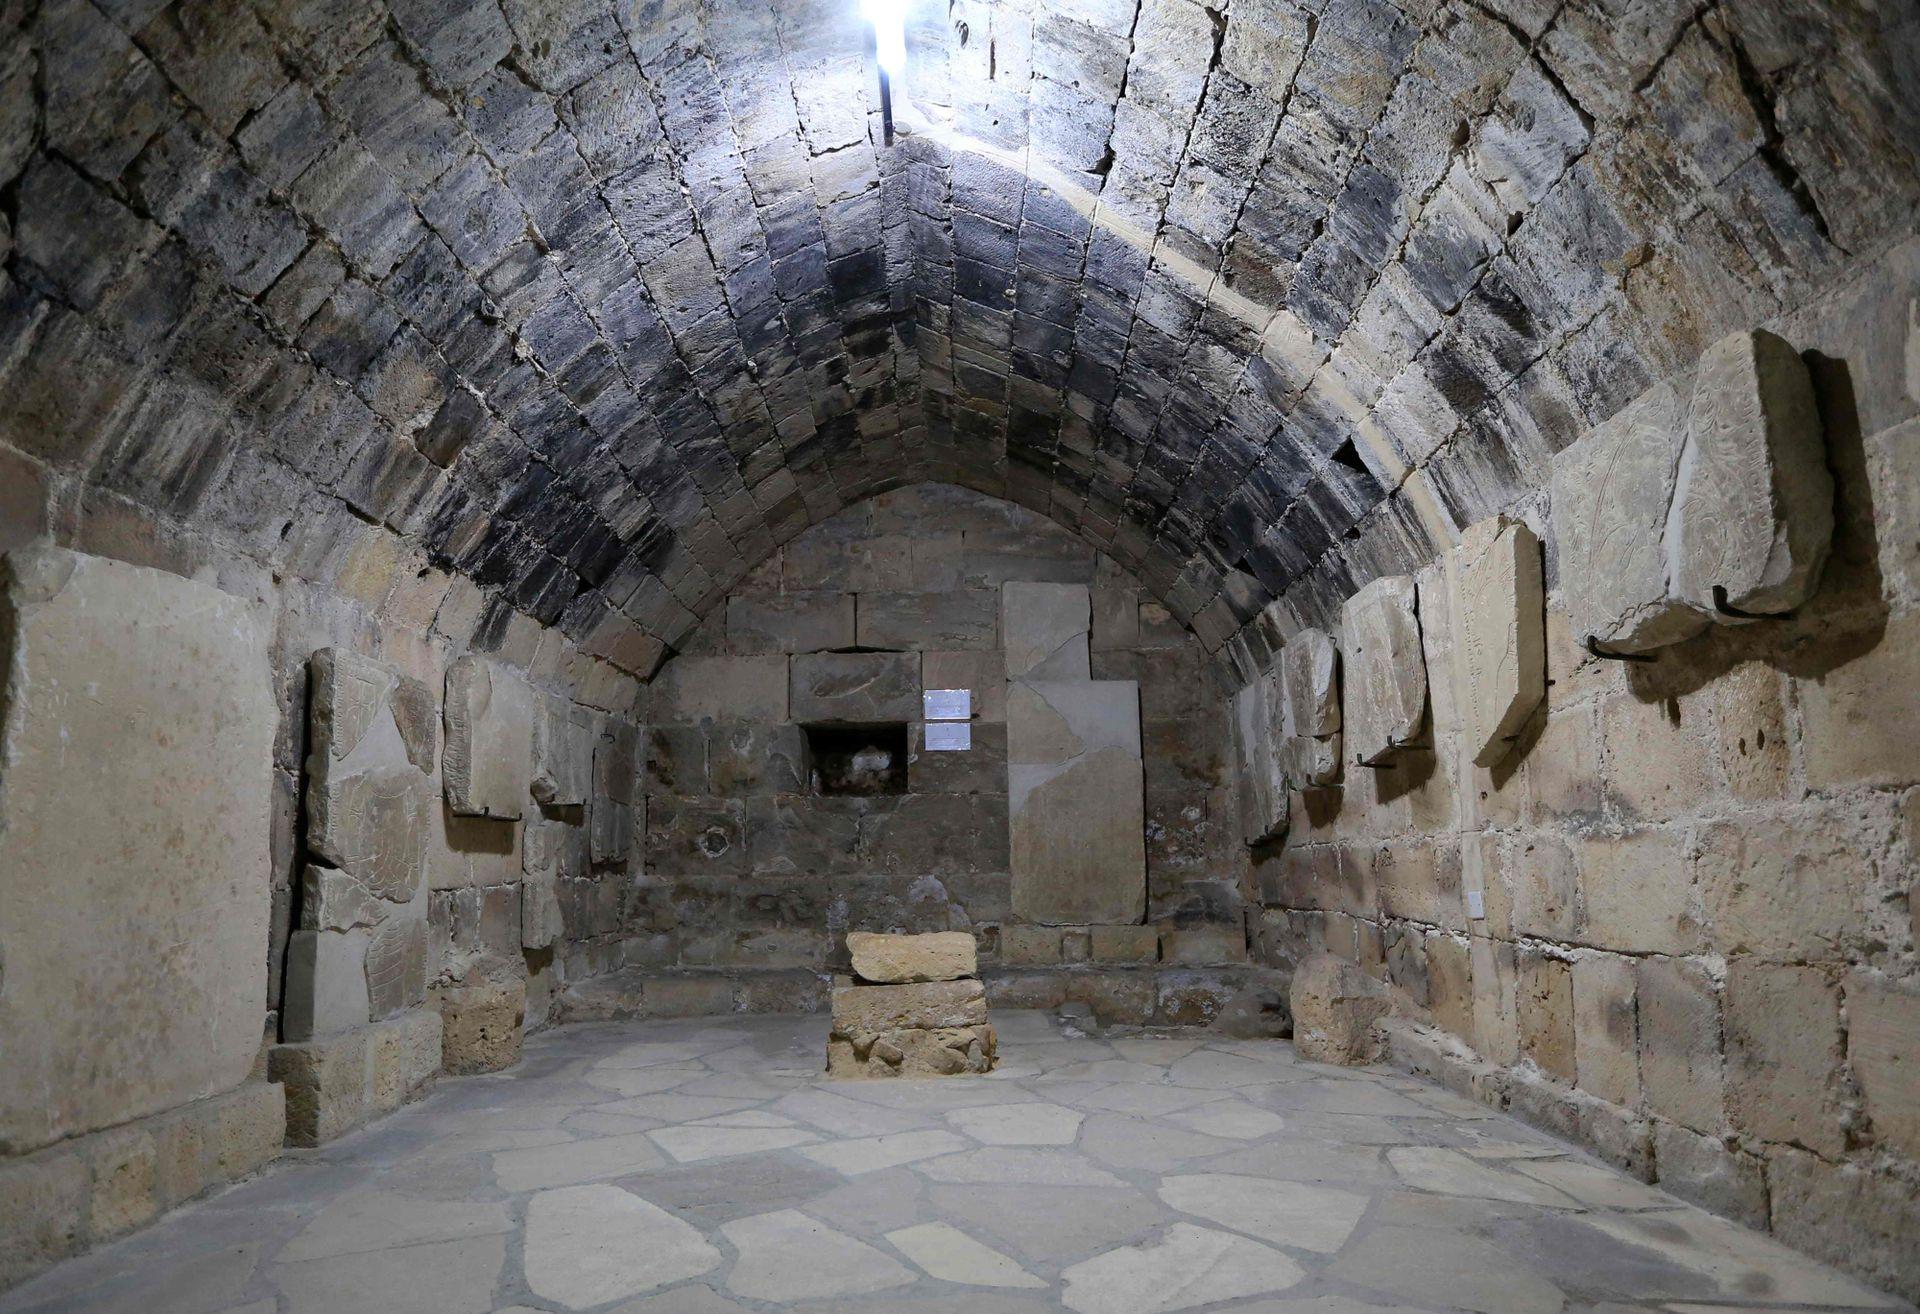 Los templarios solo poseyeron Chipre durante ocho meses antes de venderle la isla al francés Guy de Lusignan, pero durante un tiempo conservaron varios de los castillos, hasta que fueron calificados de herejes y quemados en la hoguera en el siglo XIV, según varias obras